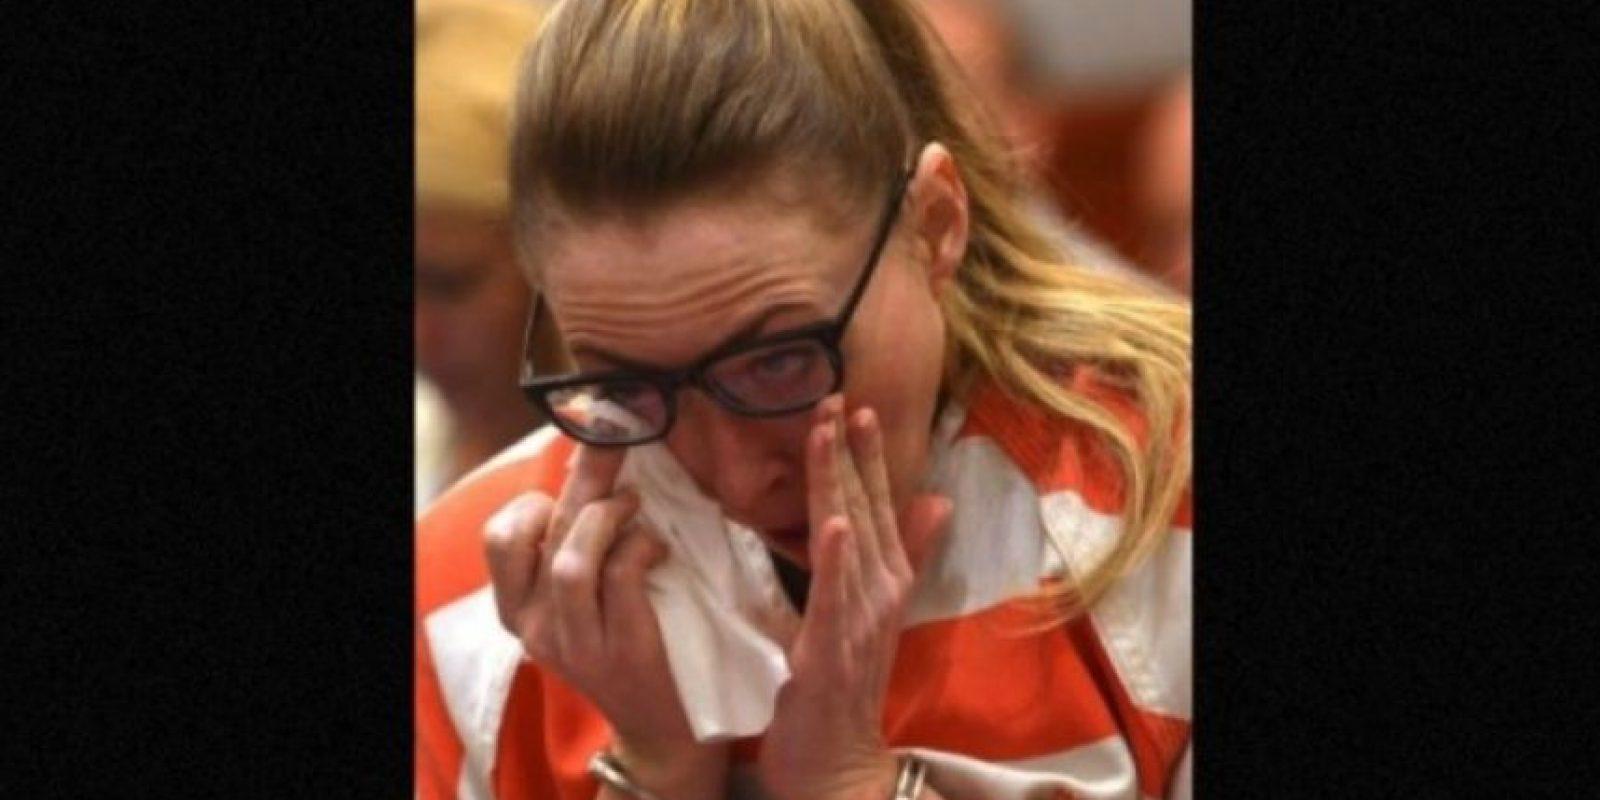 Recibió una condena de dos a 30 años de prisión por tener sexo con tres de sus alumnos que tenían entre 16 y 17 años de edad Foto:AP